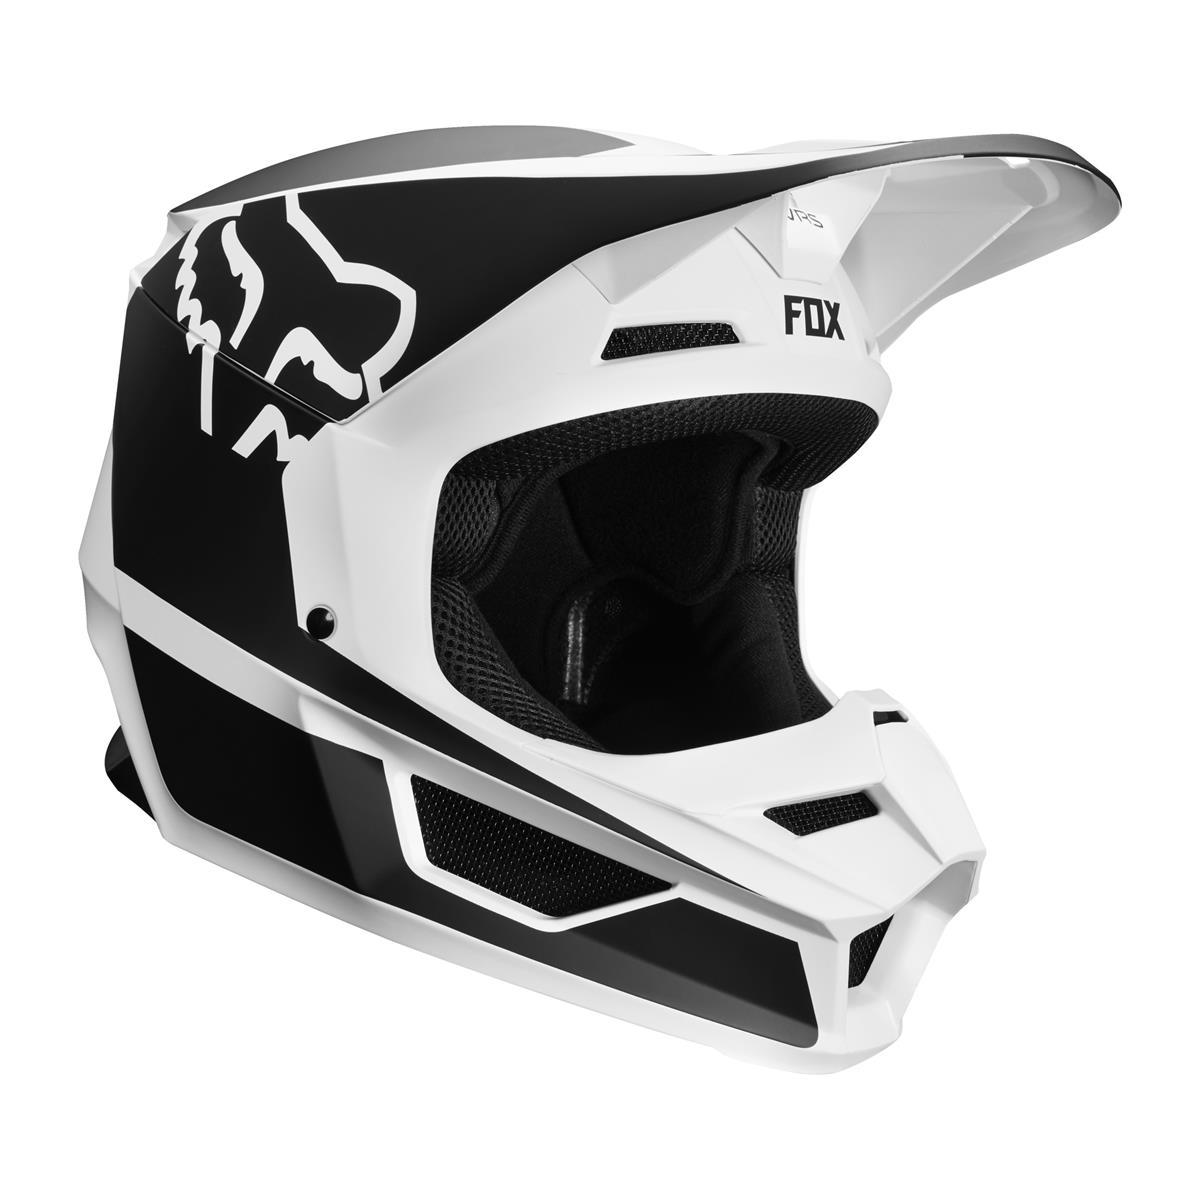 Fox Helm V1 Przm - Schwarz/Weiß